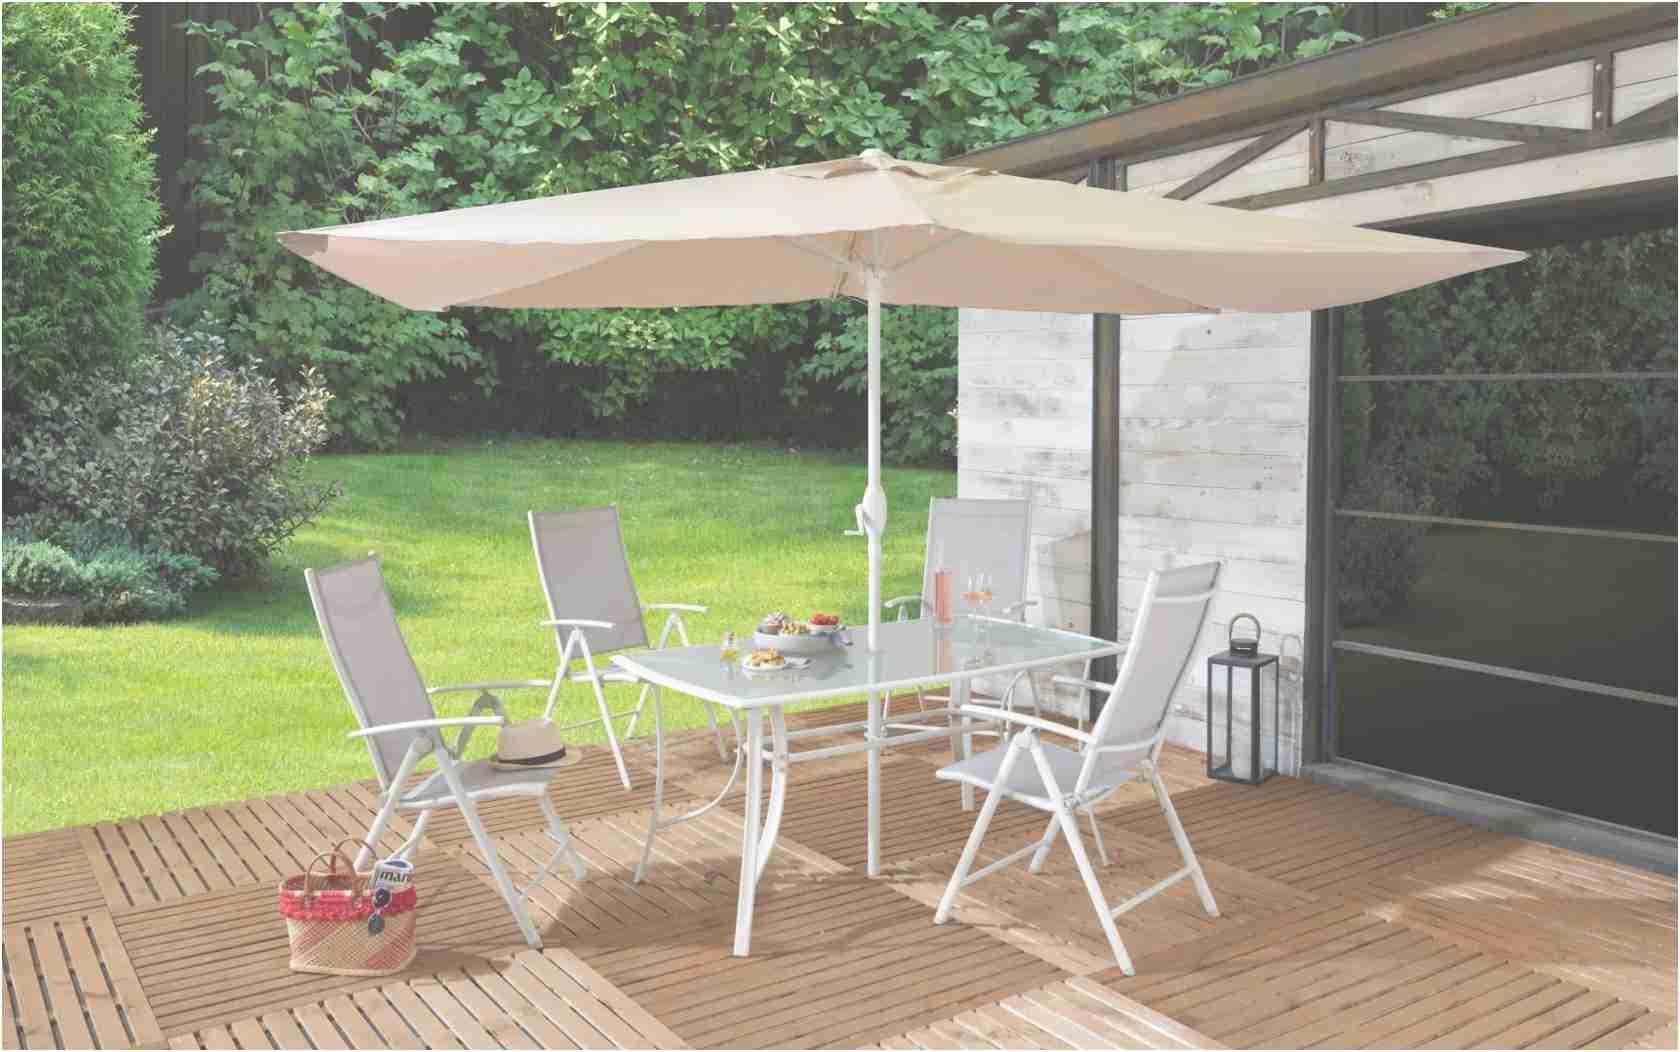 68 Mieux Carrefour Chaise De Jardin intérieur Salon Jardin Carrefour